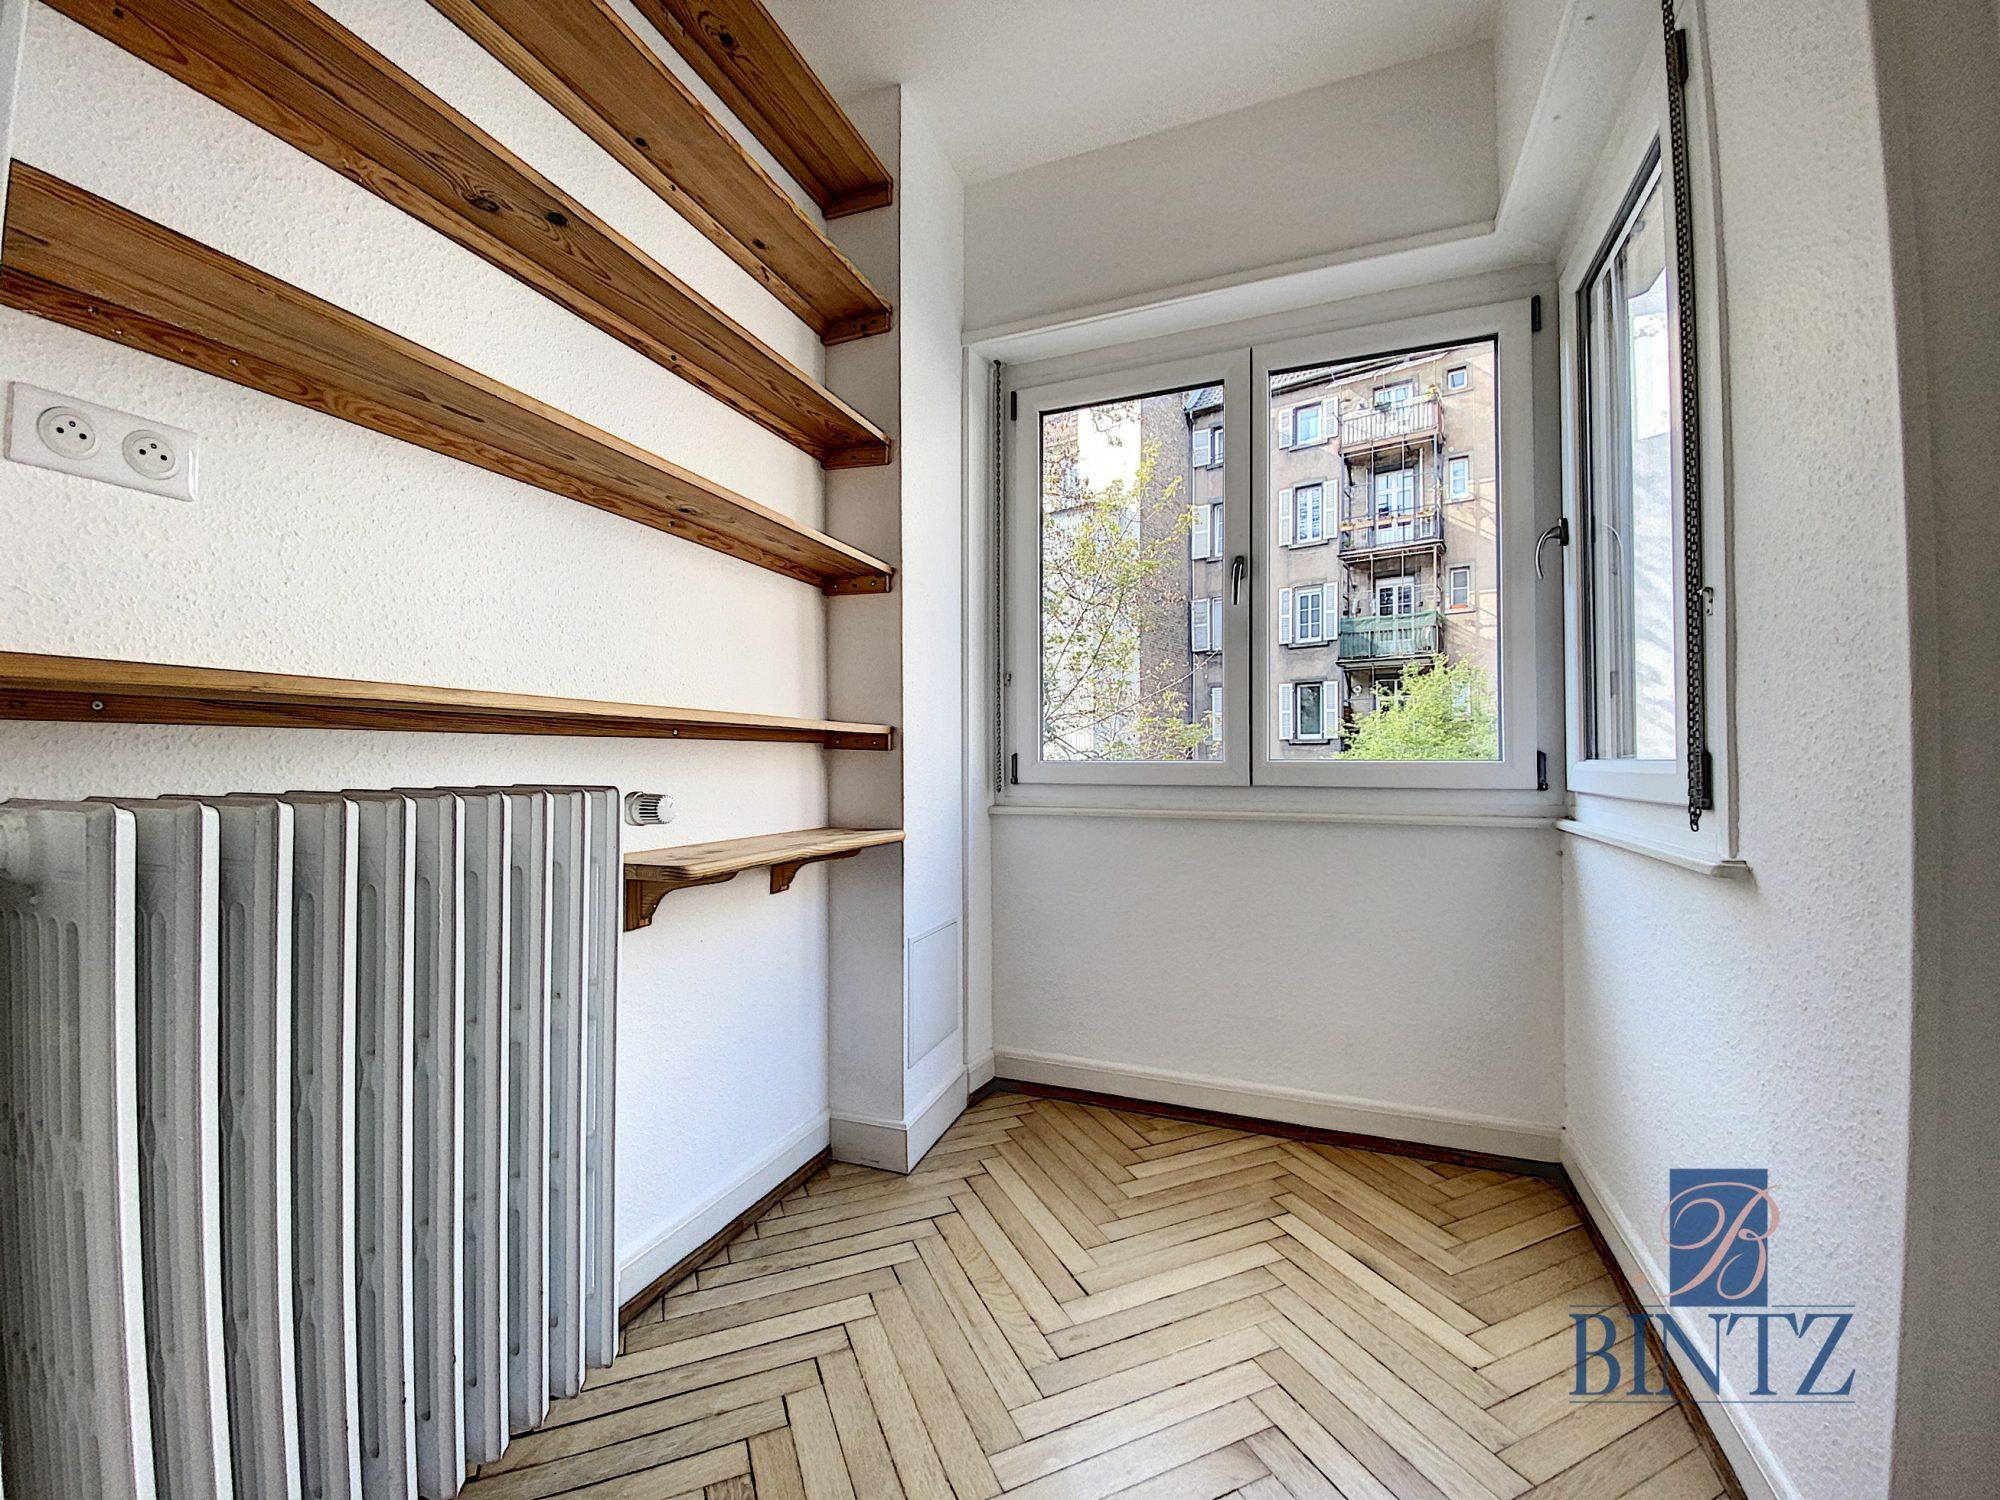 2 pièces orangerie avec balcon - Devenez locataire en toute sérénité - Bintz Immobilier - 7